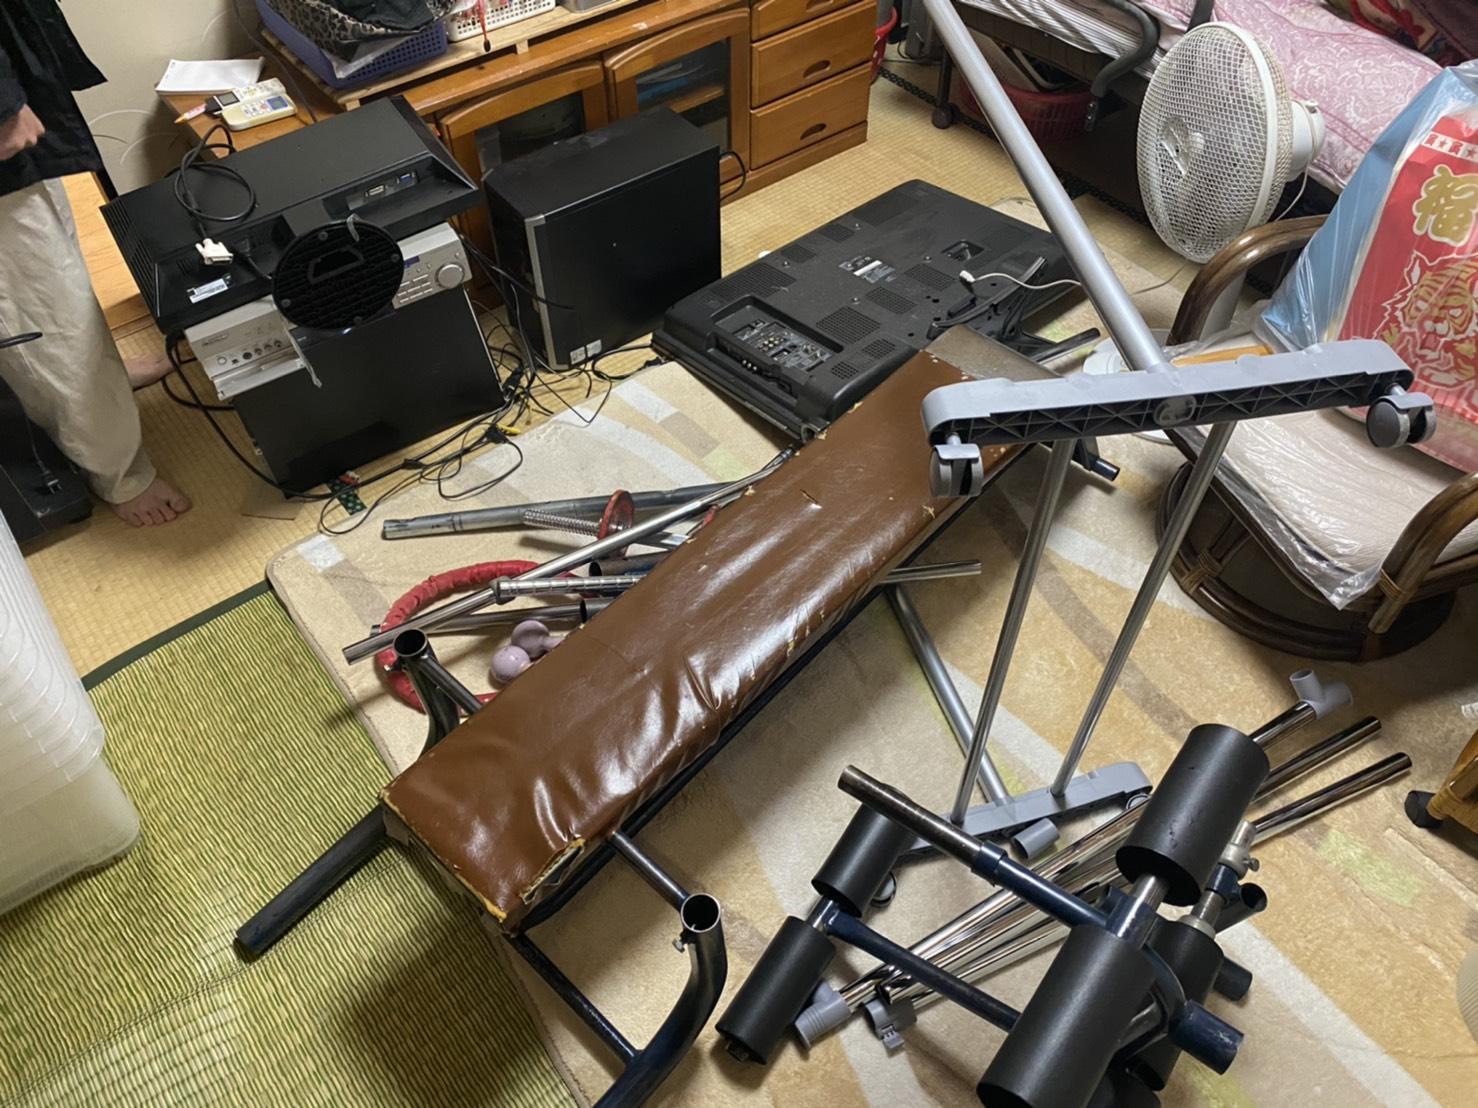 テレビ、モニター、健康器具の回収前